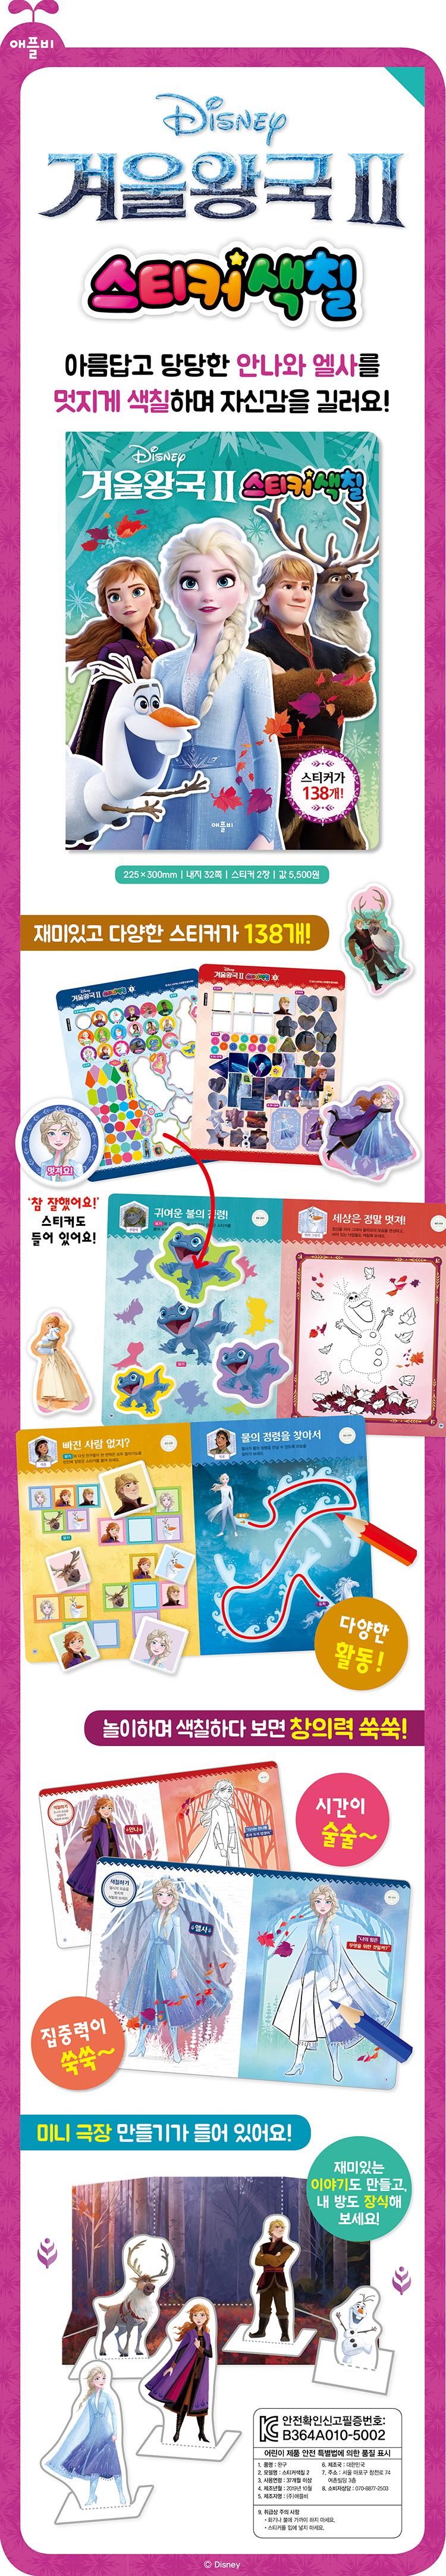 디즈니 겨울왕국2: 스티커색칠 도서 상세이미지